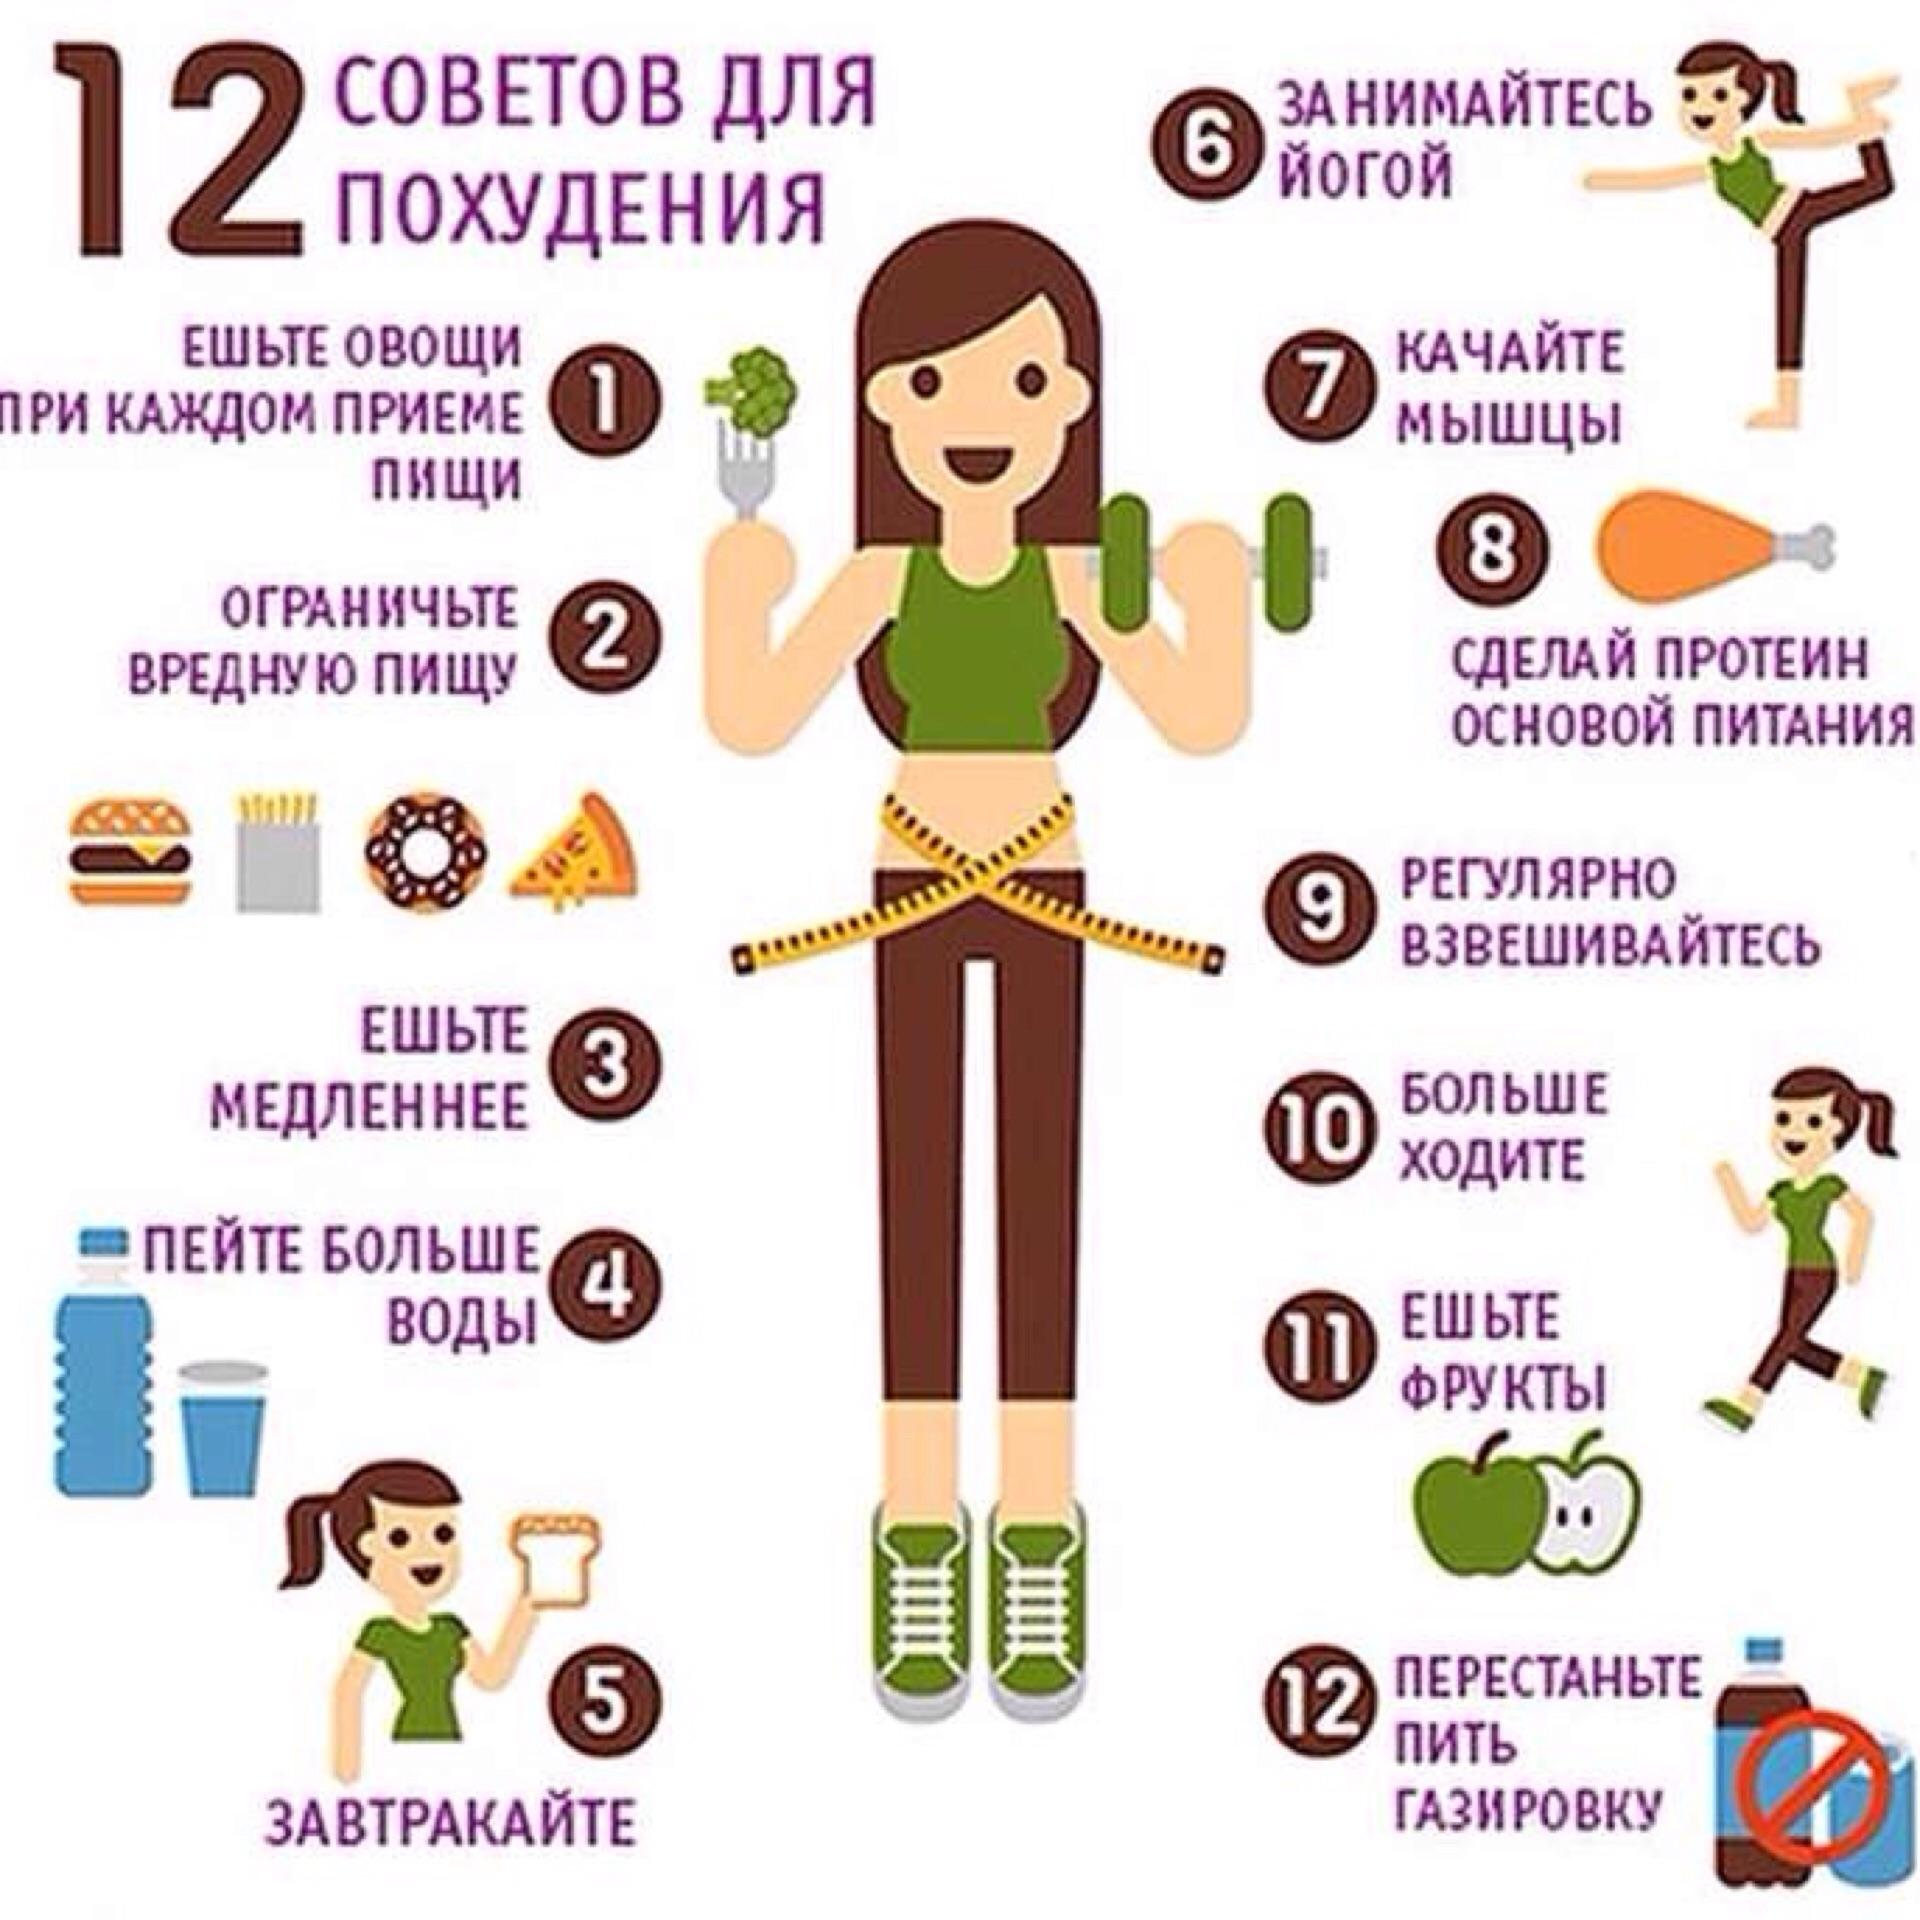 Как похудеть за неделю на 5 кг в домашних условиях без вреда? 32